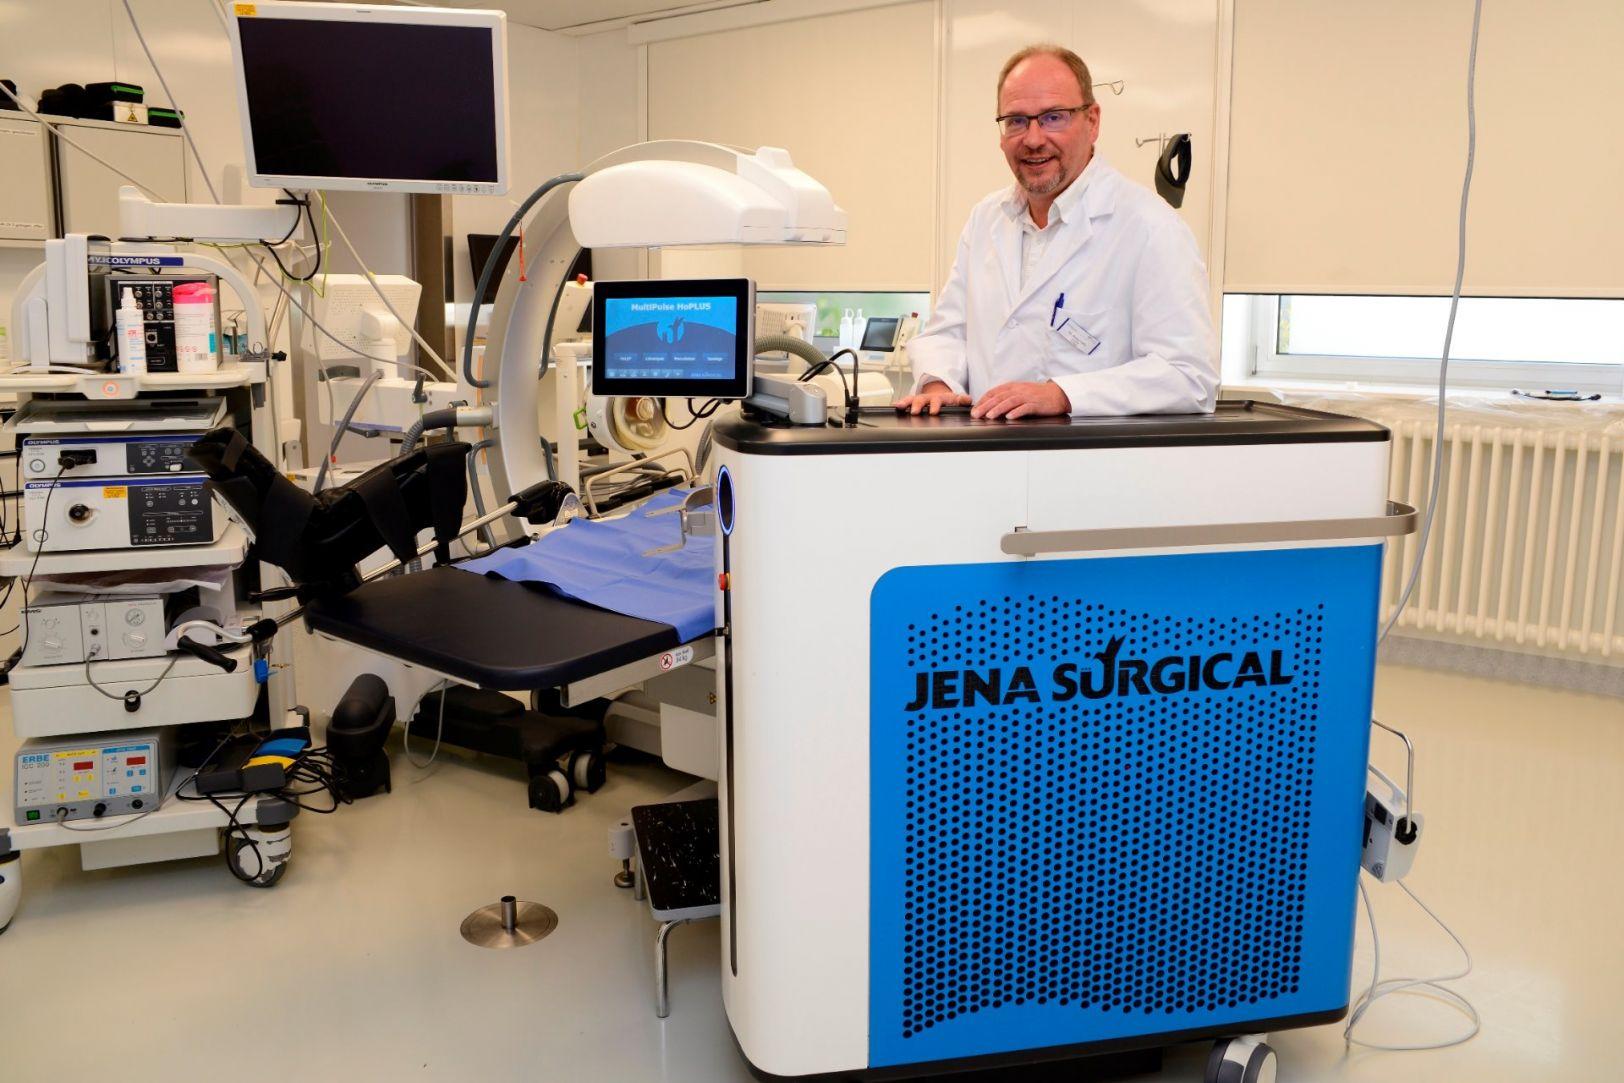 laser prostataoperation nebenwirkungen